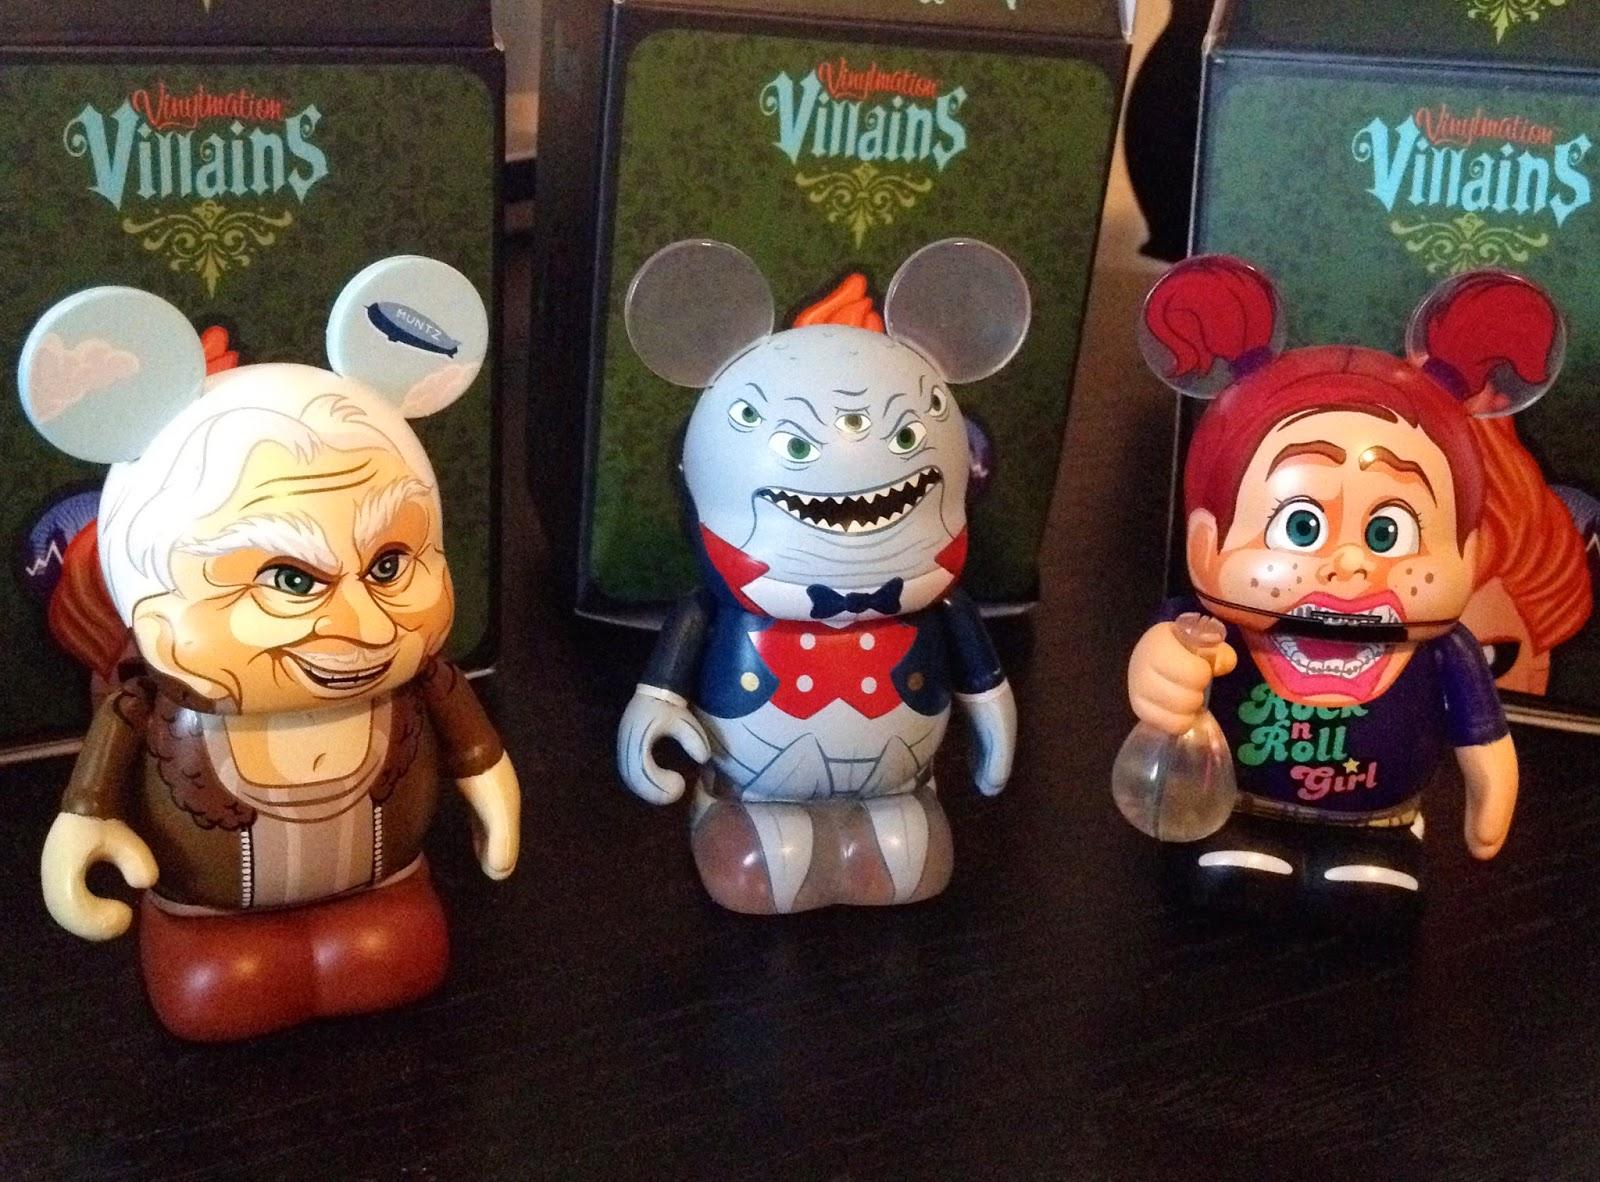 Dan The Pixar Fan Pixar Collection Vinylmation Villains